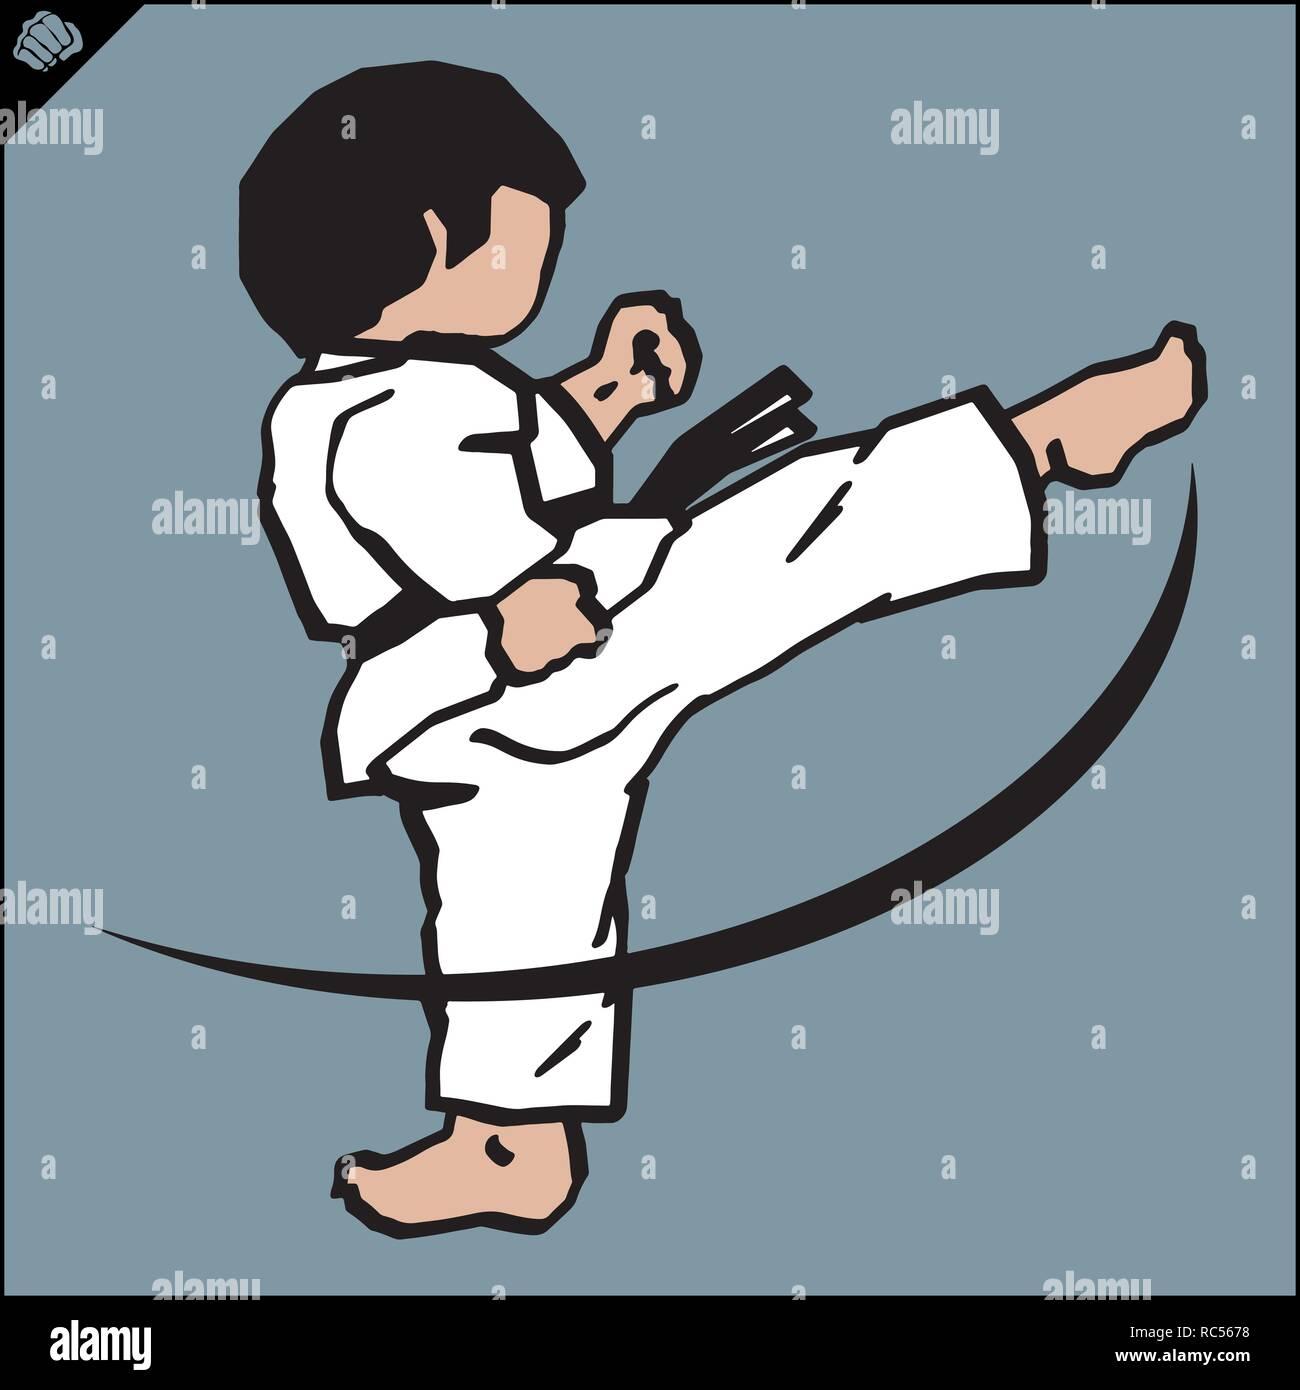 Einen Karate-Typen datieren Nate und Serena starten Dating